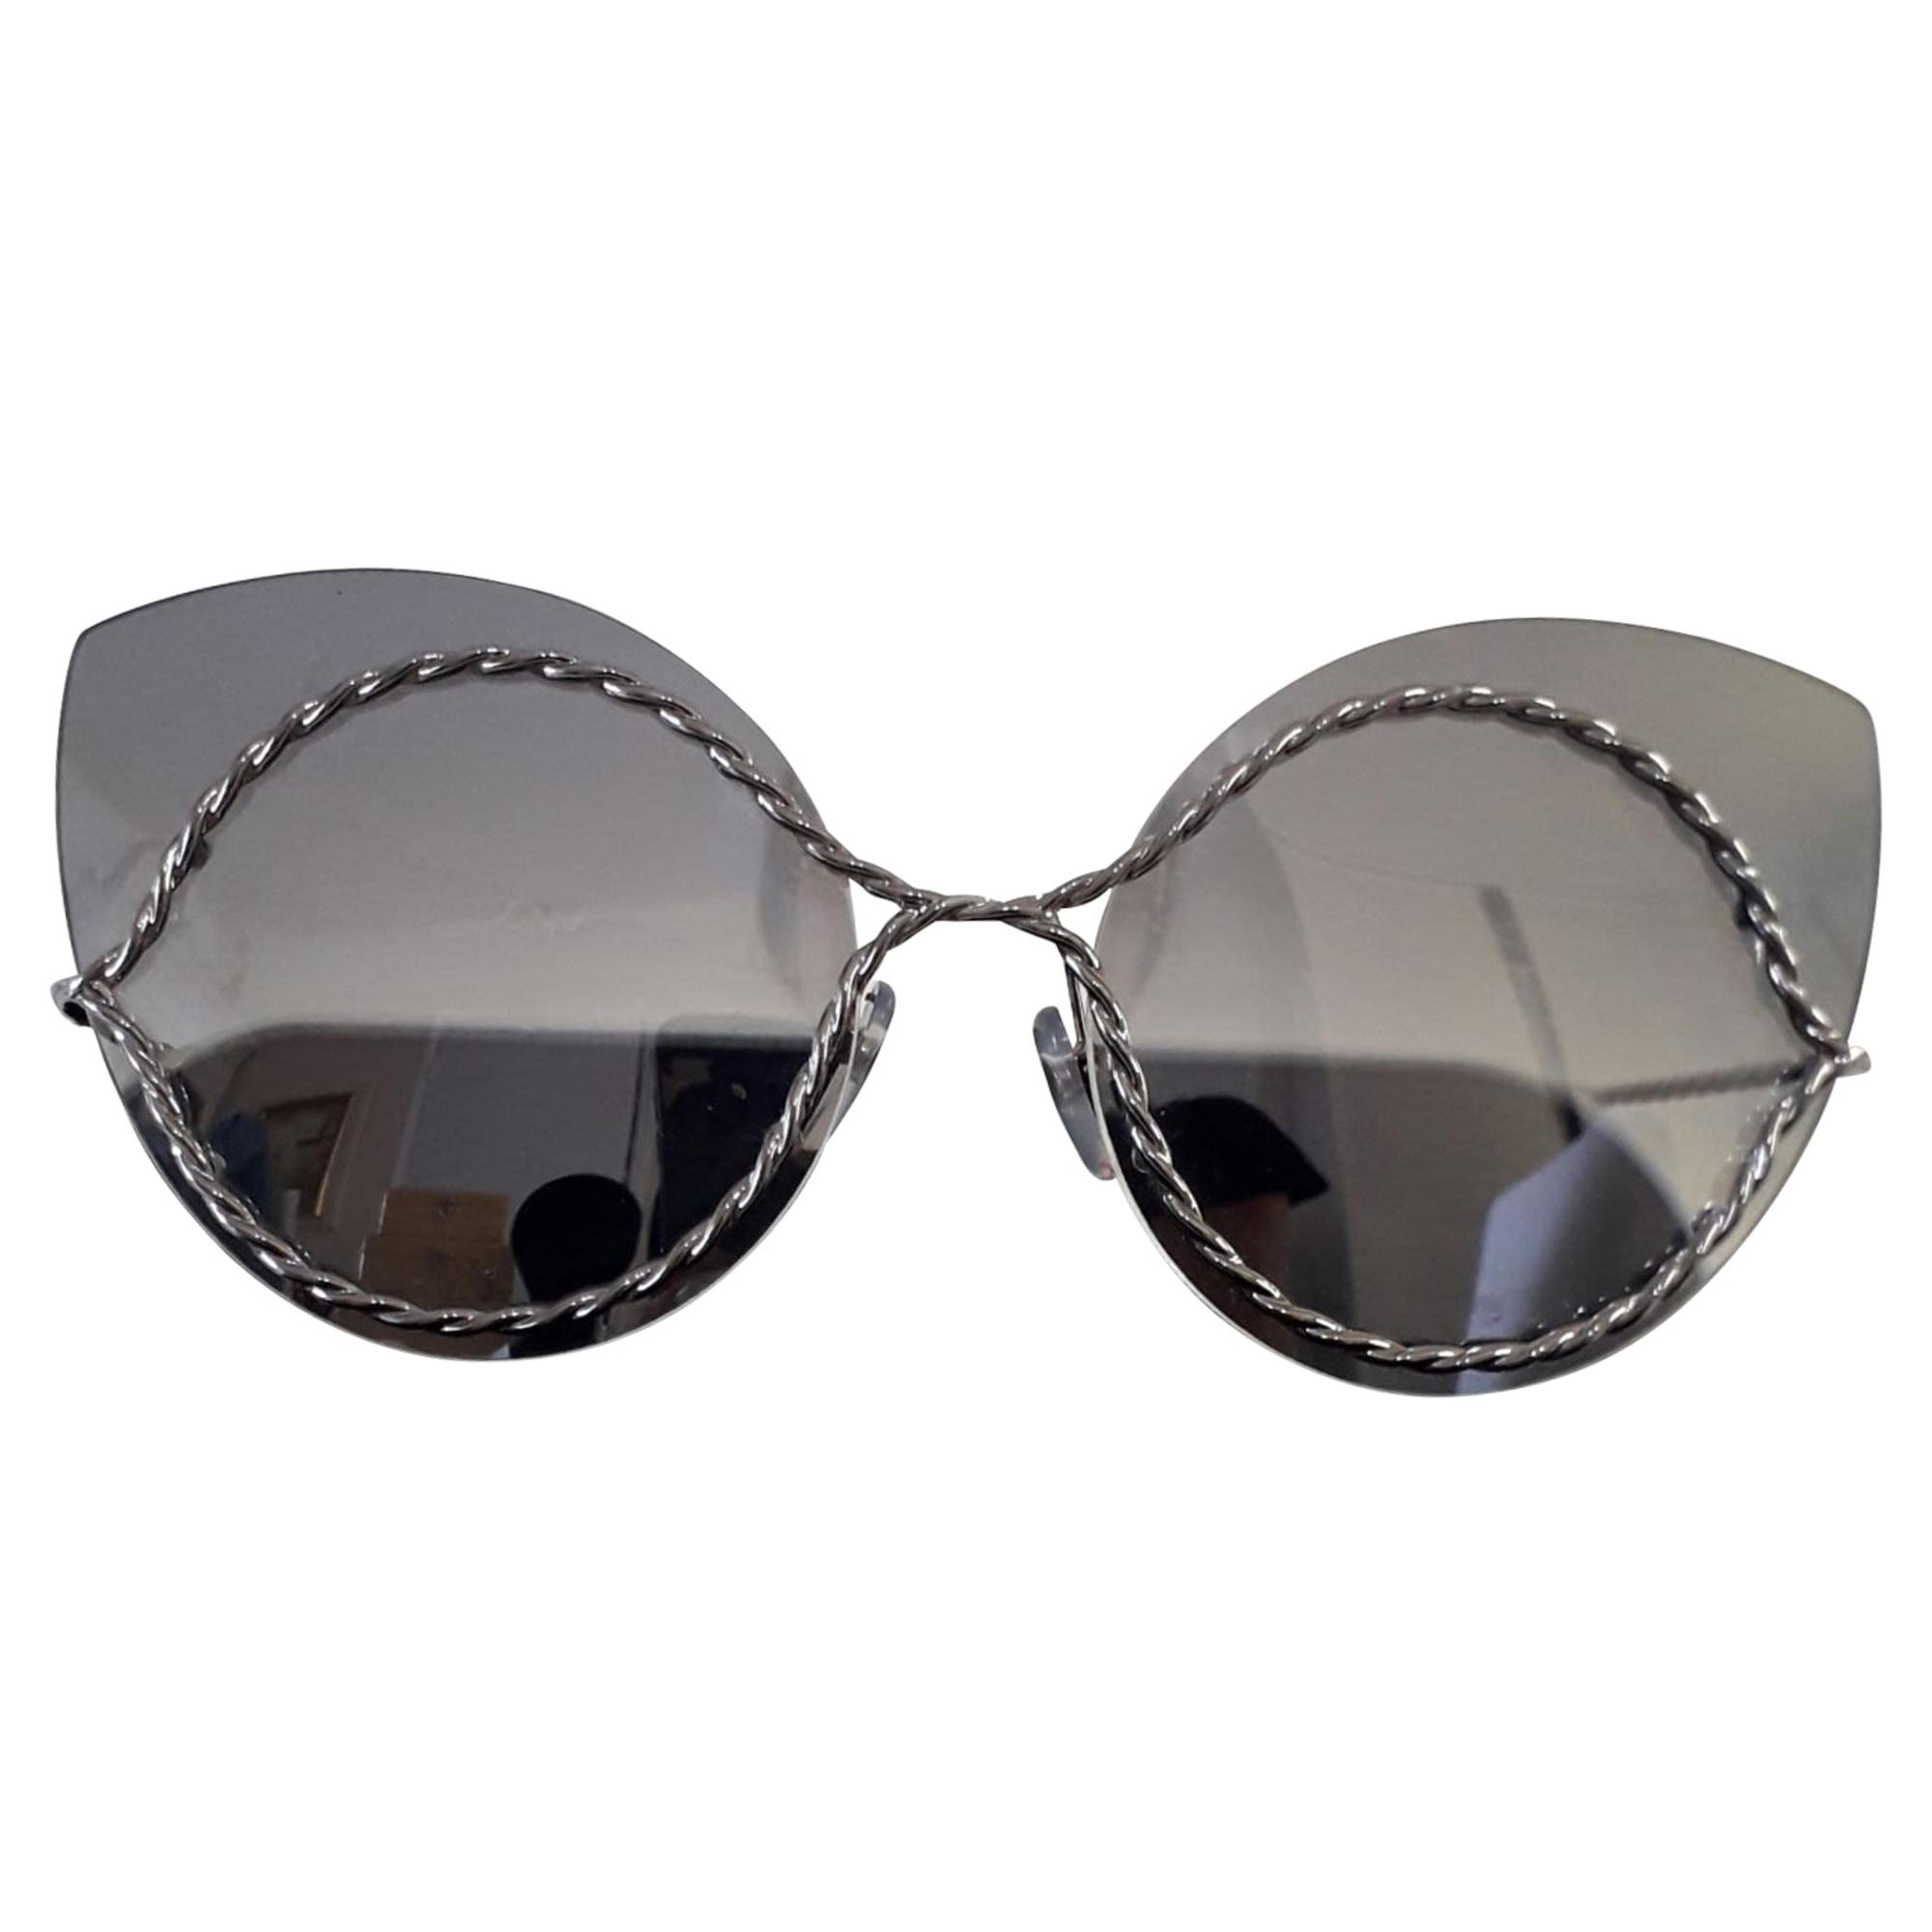 Sunglasses MARC JACOBS metal argenté, blanc et verres gris